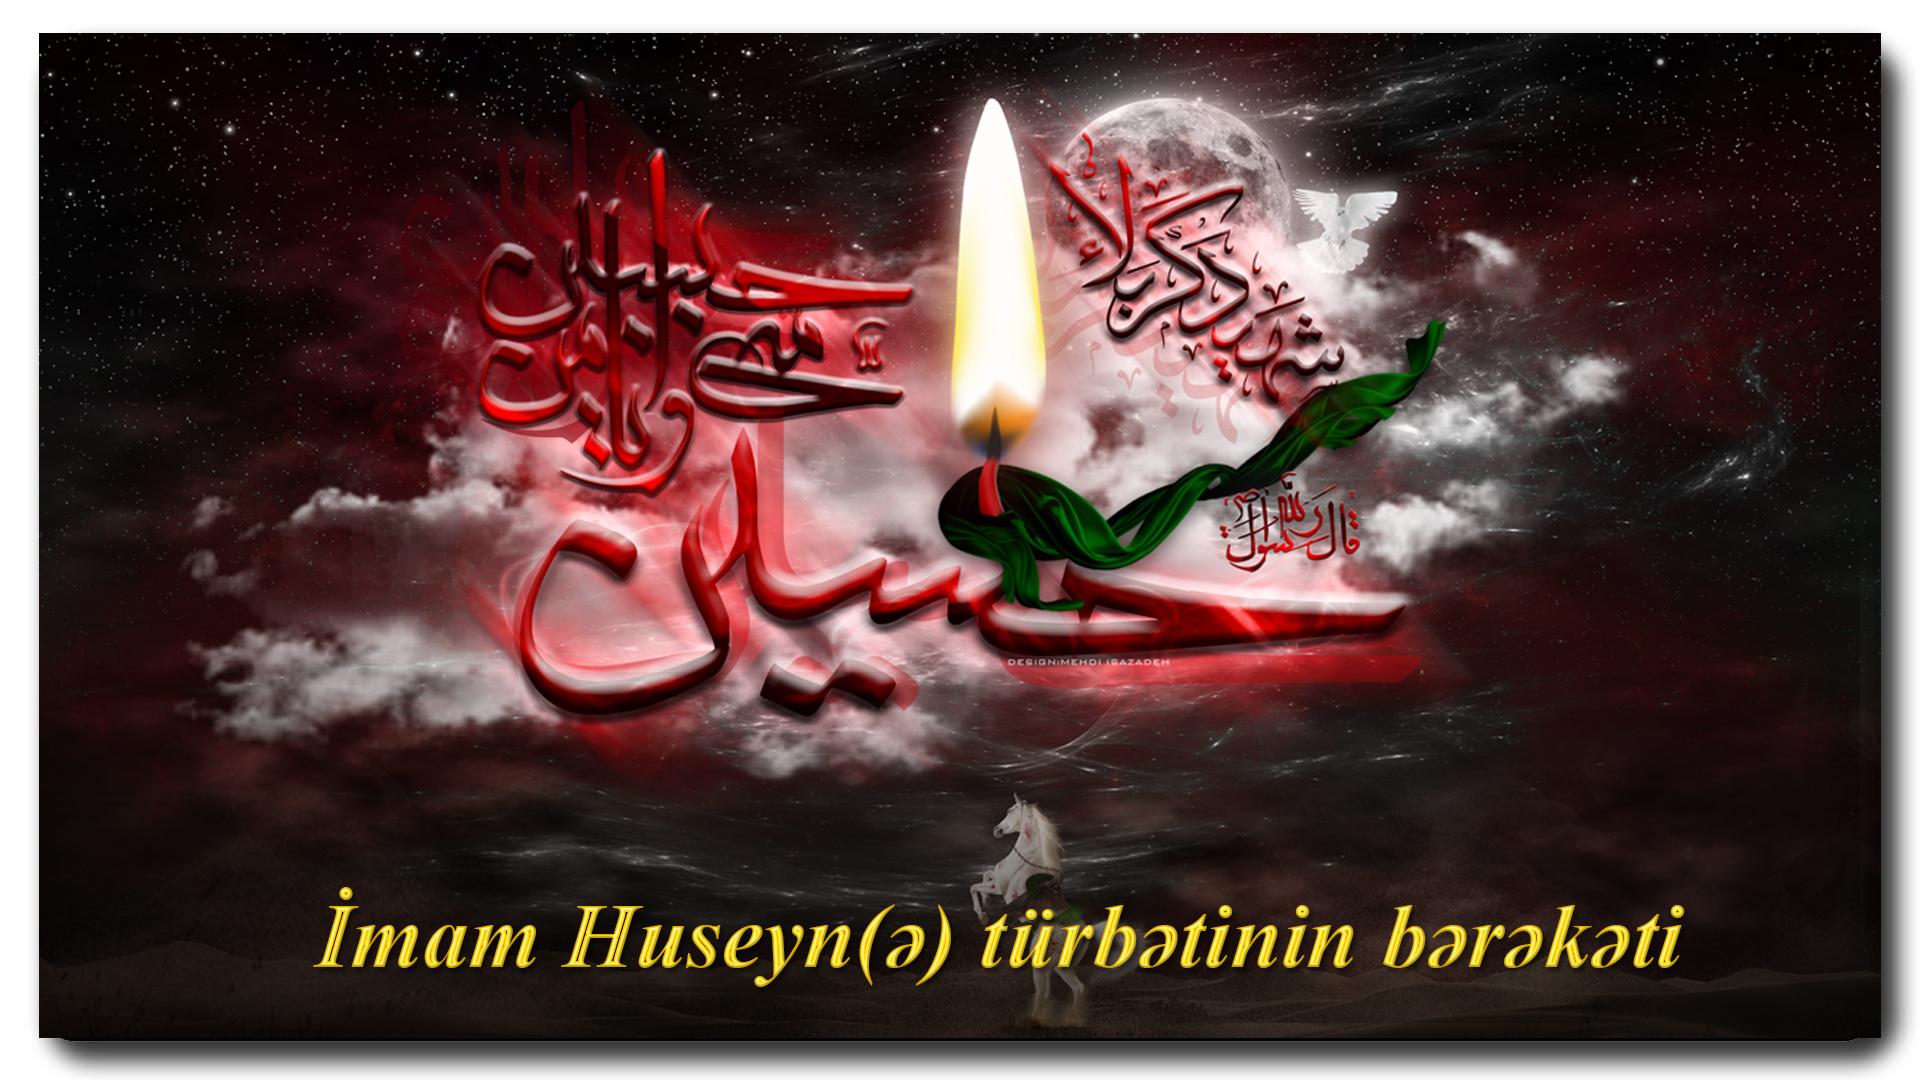 İmam Huseyn(ə) türbətinin bərəkəti